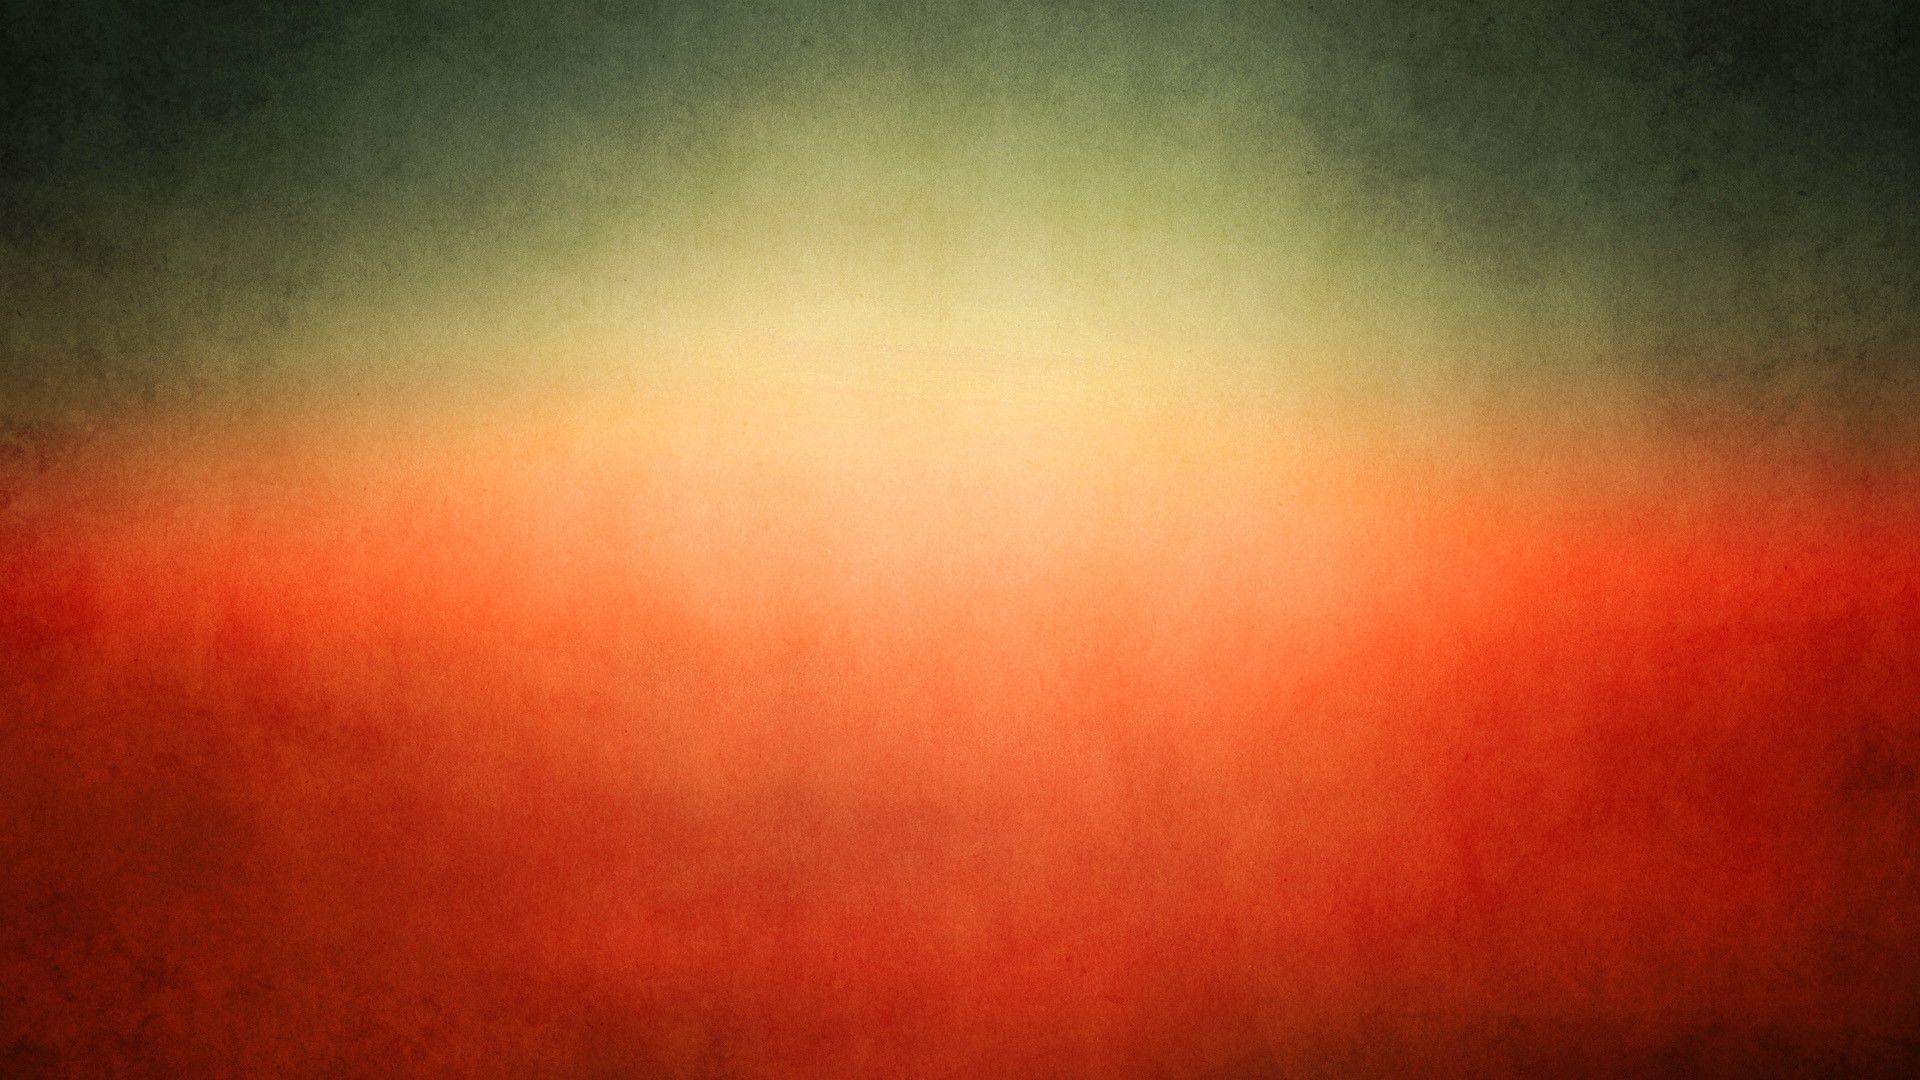 Download Textures Gradient Wallpaper 1920x1200 | Wallpoper #